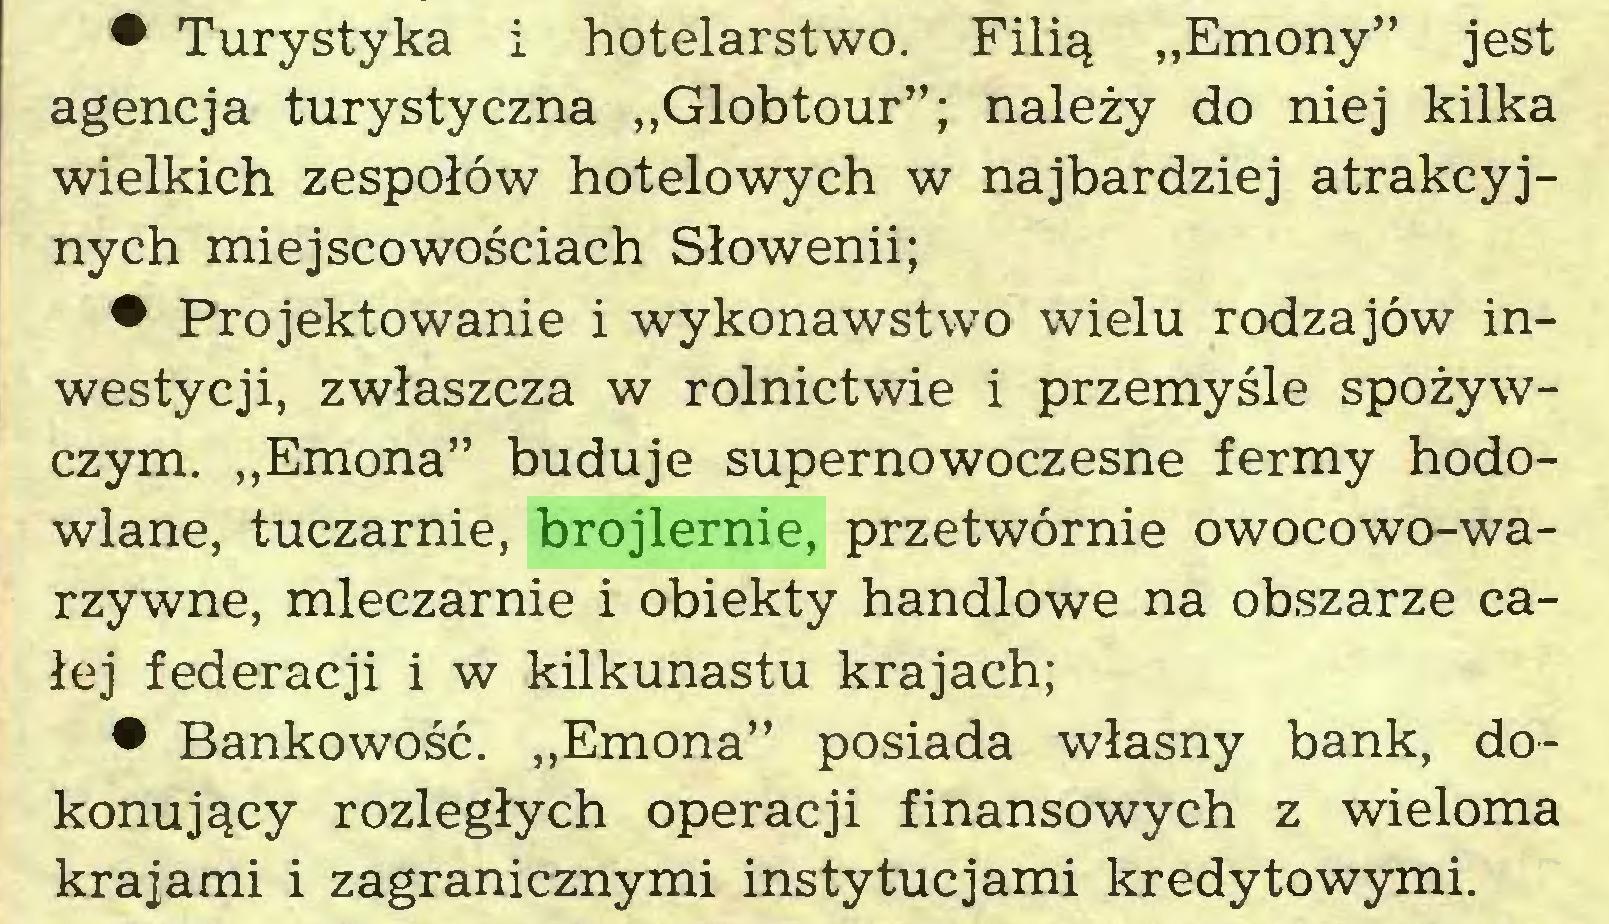 """(...) • Turystyka i hotelarstwo. Filią """"Emony"""" jest agencja turystyczna """"Globtour""""; należy do niej kilka wielkich zespołów hotelowych w najbardziej atrakcyjnych miejscowościach Słowenii; • Projektowanie i wykonawstwo wielu rodzajów inwestycji, zwłaszcza w rolnictwie i przemyśle spożywczym. """"Emona"""" buduje supernowoczesne fermy hodowlane, tuczarnie, brojlernie, przetwórnie owocowo-warzywne, mleczarnie i obiekty handlowe na obszarze całej federacji i w kilkunastu krajach; • Bankowość. """"Emona"""" posiada własny bank, dokonujący rozległych operacji finansowych z wieloma krajami i zagranicznymi instytucjami kredytowymi..."""